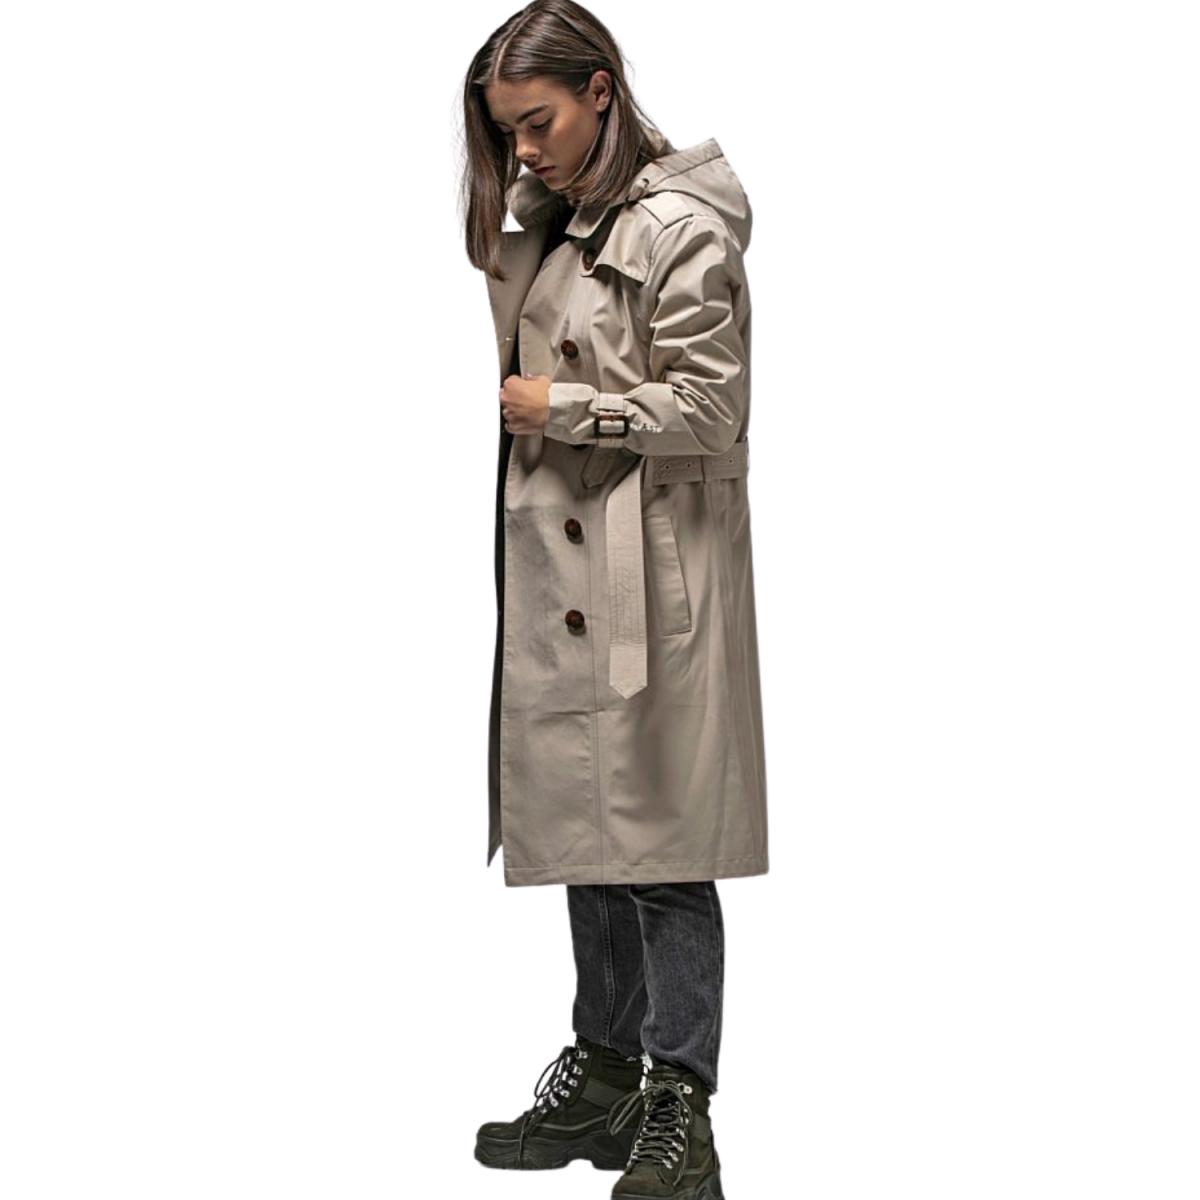 vigra regn frakke beige - model billede - fra siden